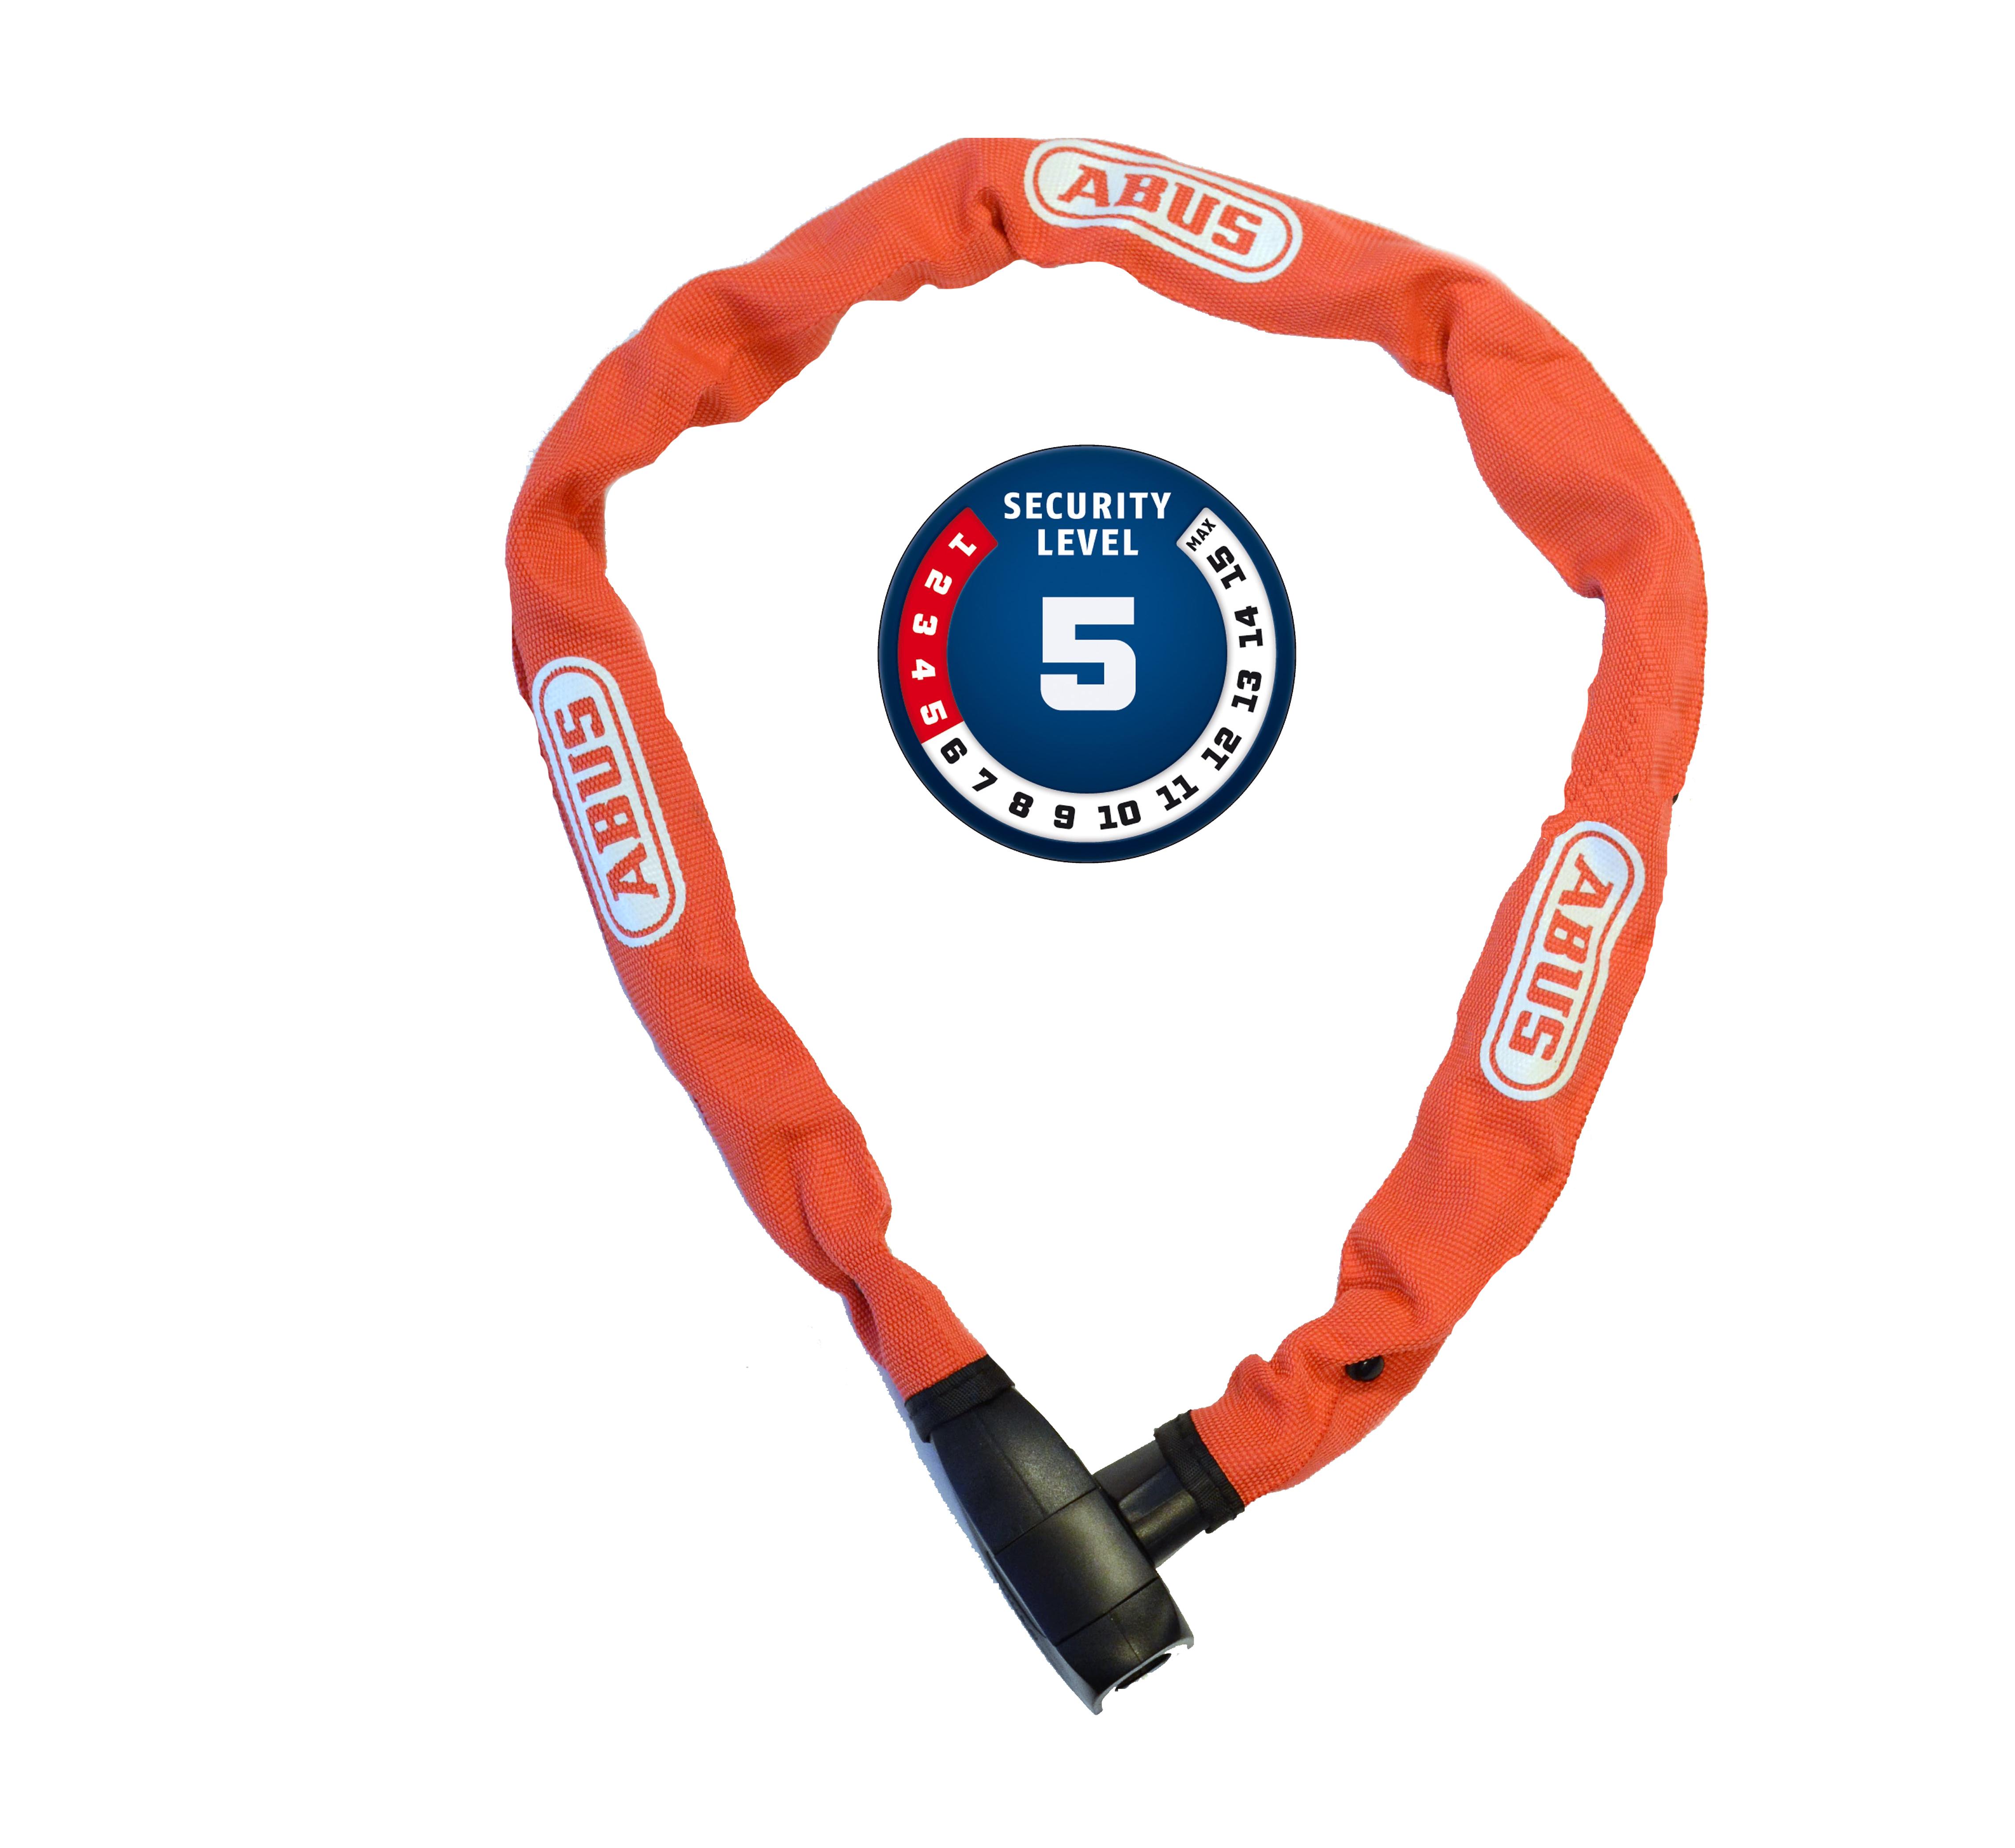 Řetězový zámek ABUS 6800, 85 cm, barva červená (Zámek na kolo, délka 85 cm)